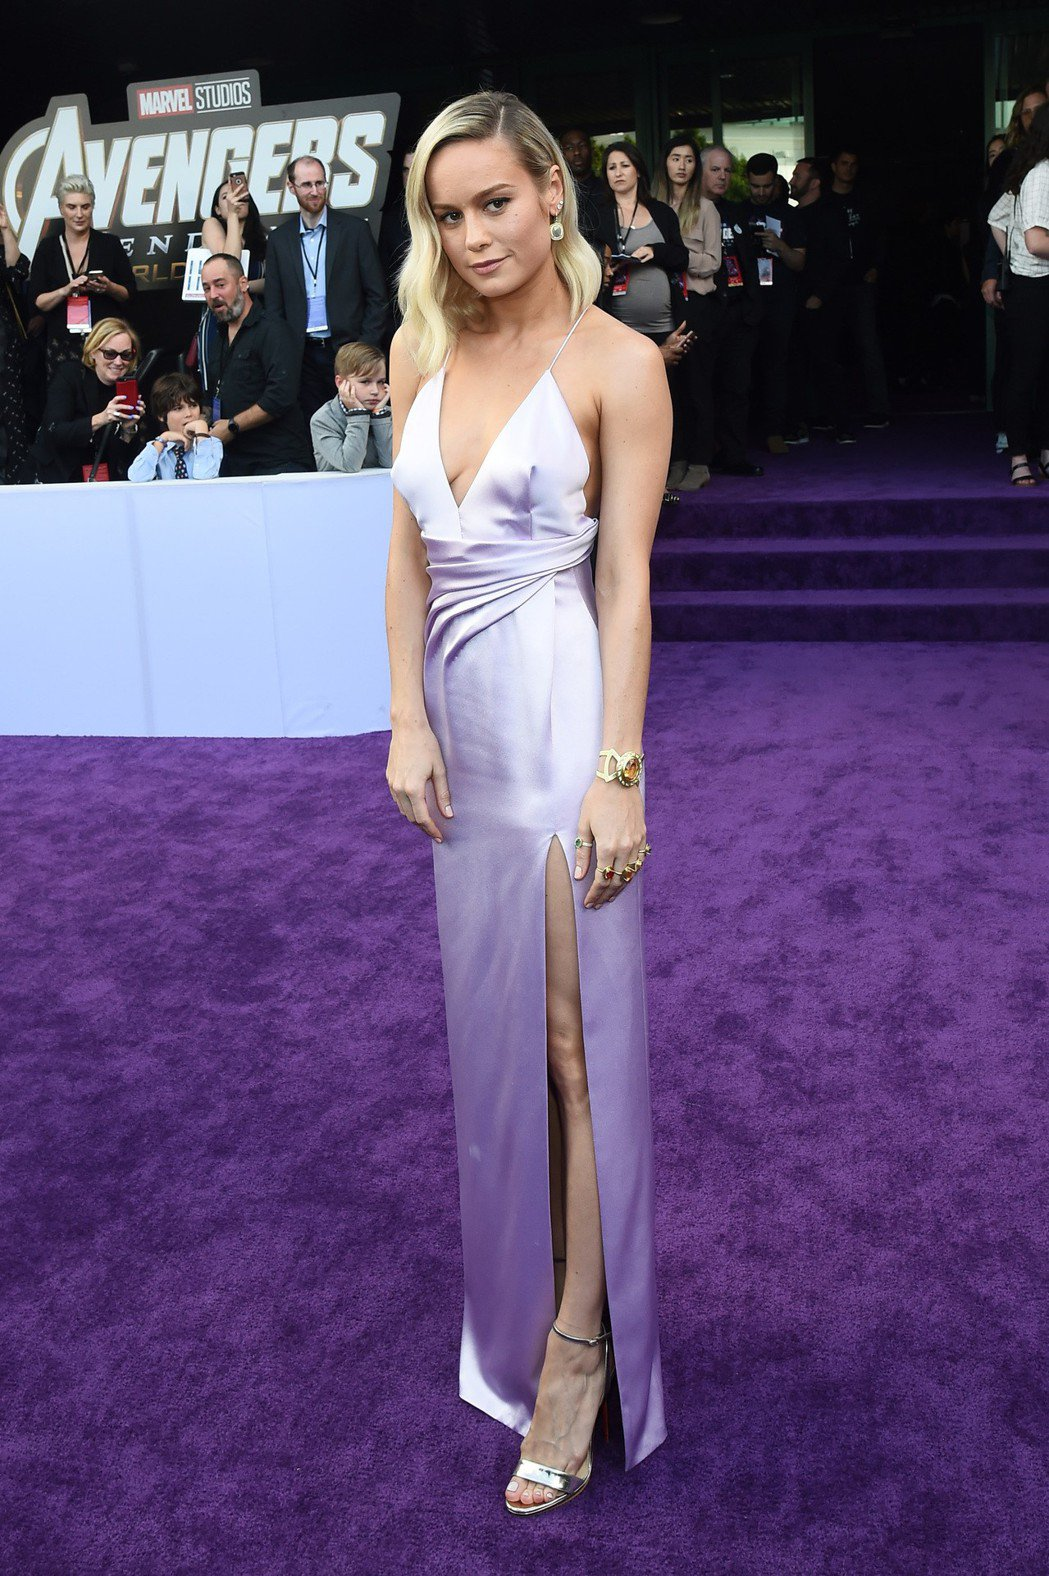 「驚奇隊長」布麗拉森以一襲粉紫色洋裝登場,手上戴著多色戒指,應是致敬片中的「無限